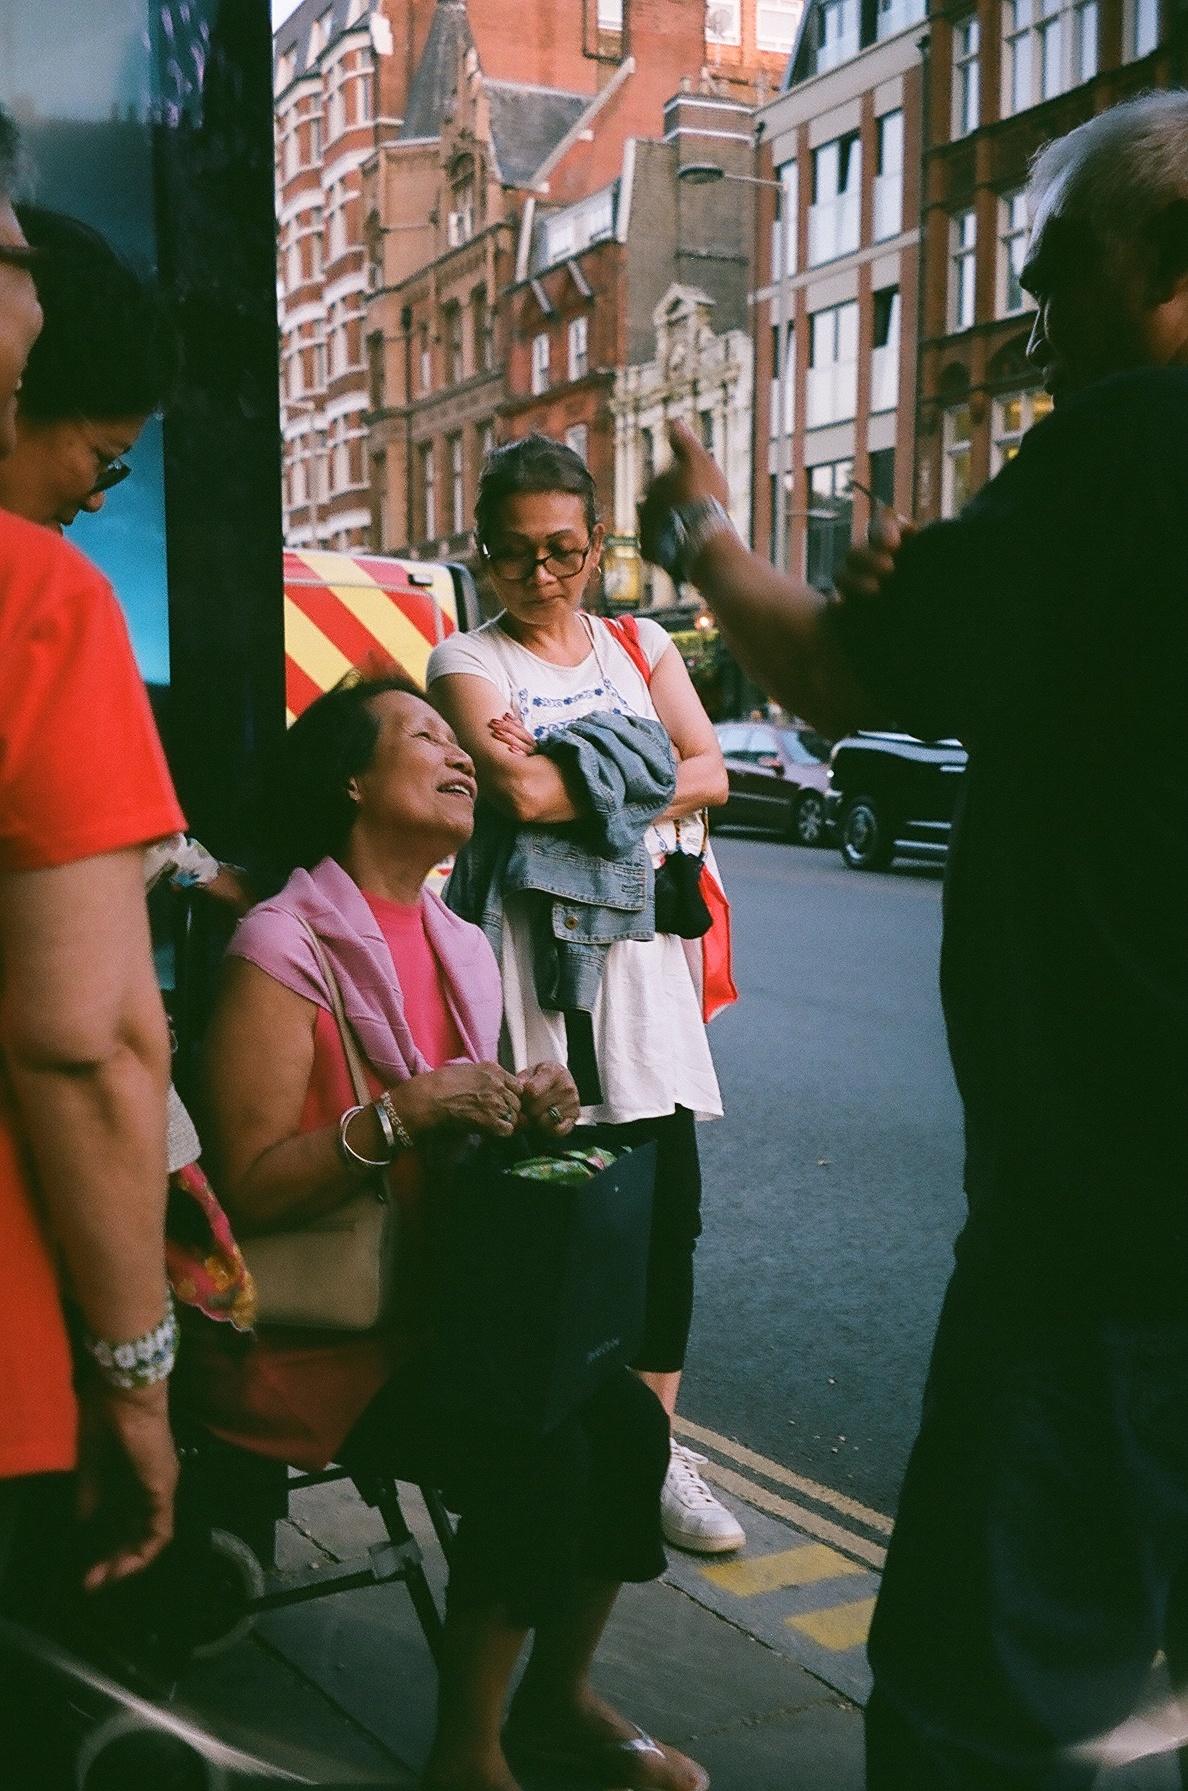 """Londoners at a bus stop. The lady, realising that I was taking a photograph of her, smiled and asked to see it. When I told her it was a film camera she said, """"I hope I look beautiful."""" She does.  / Londoners numa paragem de autocarro. A senhora, apercebendo-se de que lhe tirava uma fotografia, sorriu e pediu para a ver. Quando lhe disse que a máquina era analógica disse """"espero que eu tenha ficado bonita"""". E ficou :)"""